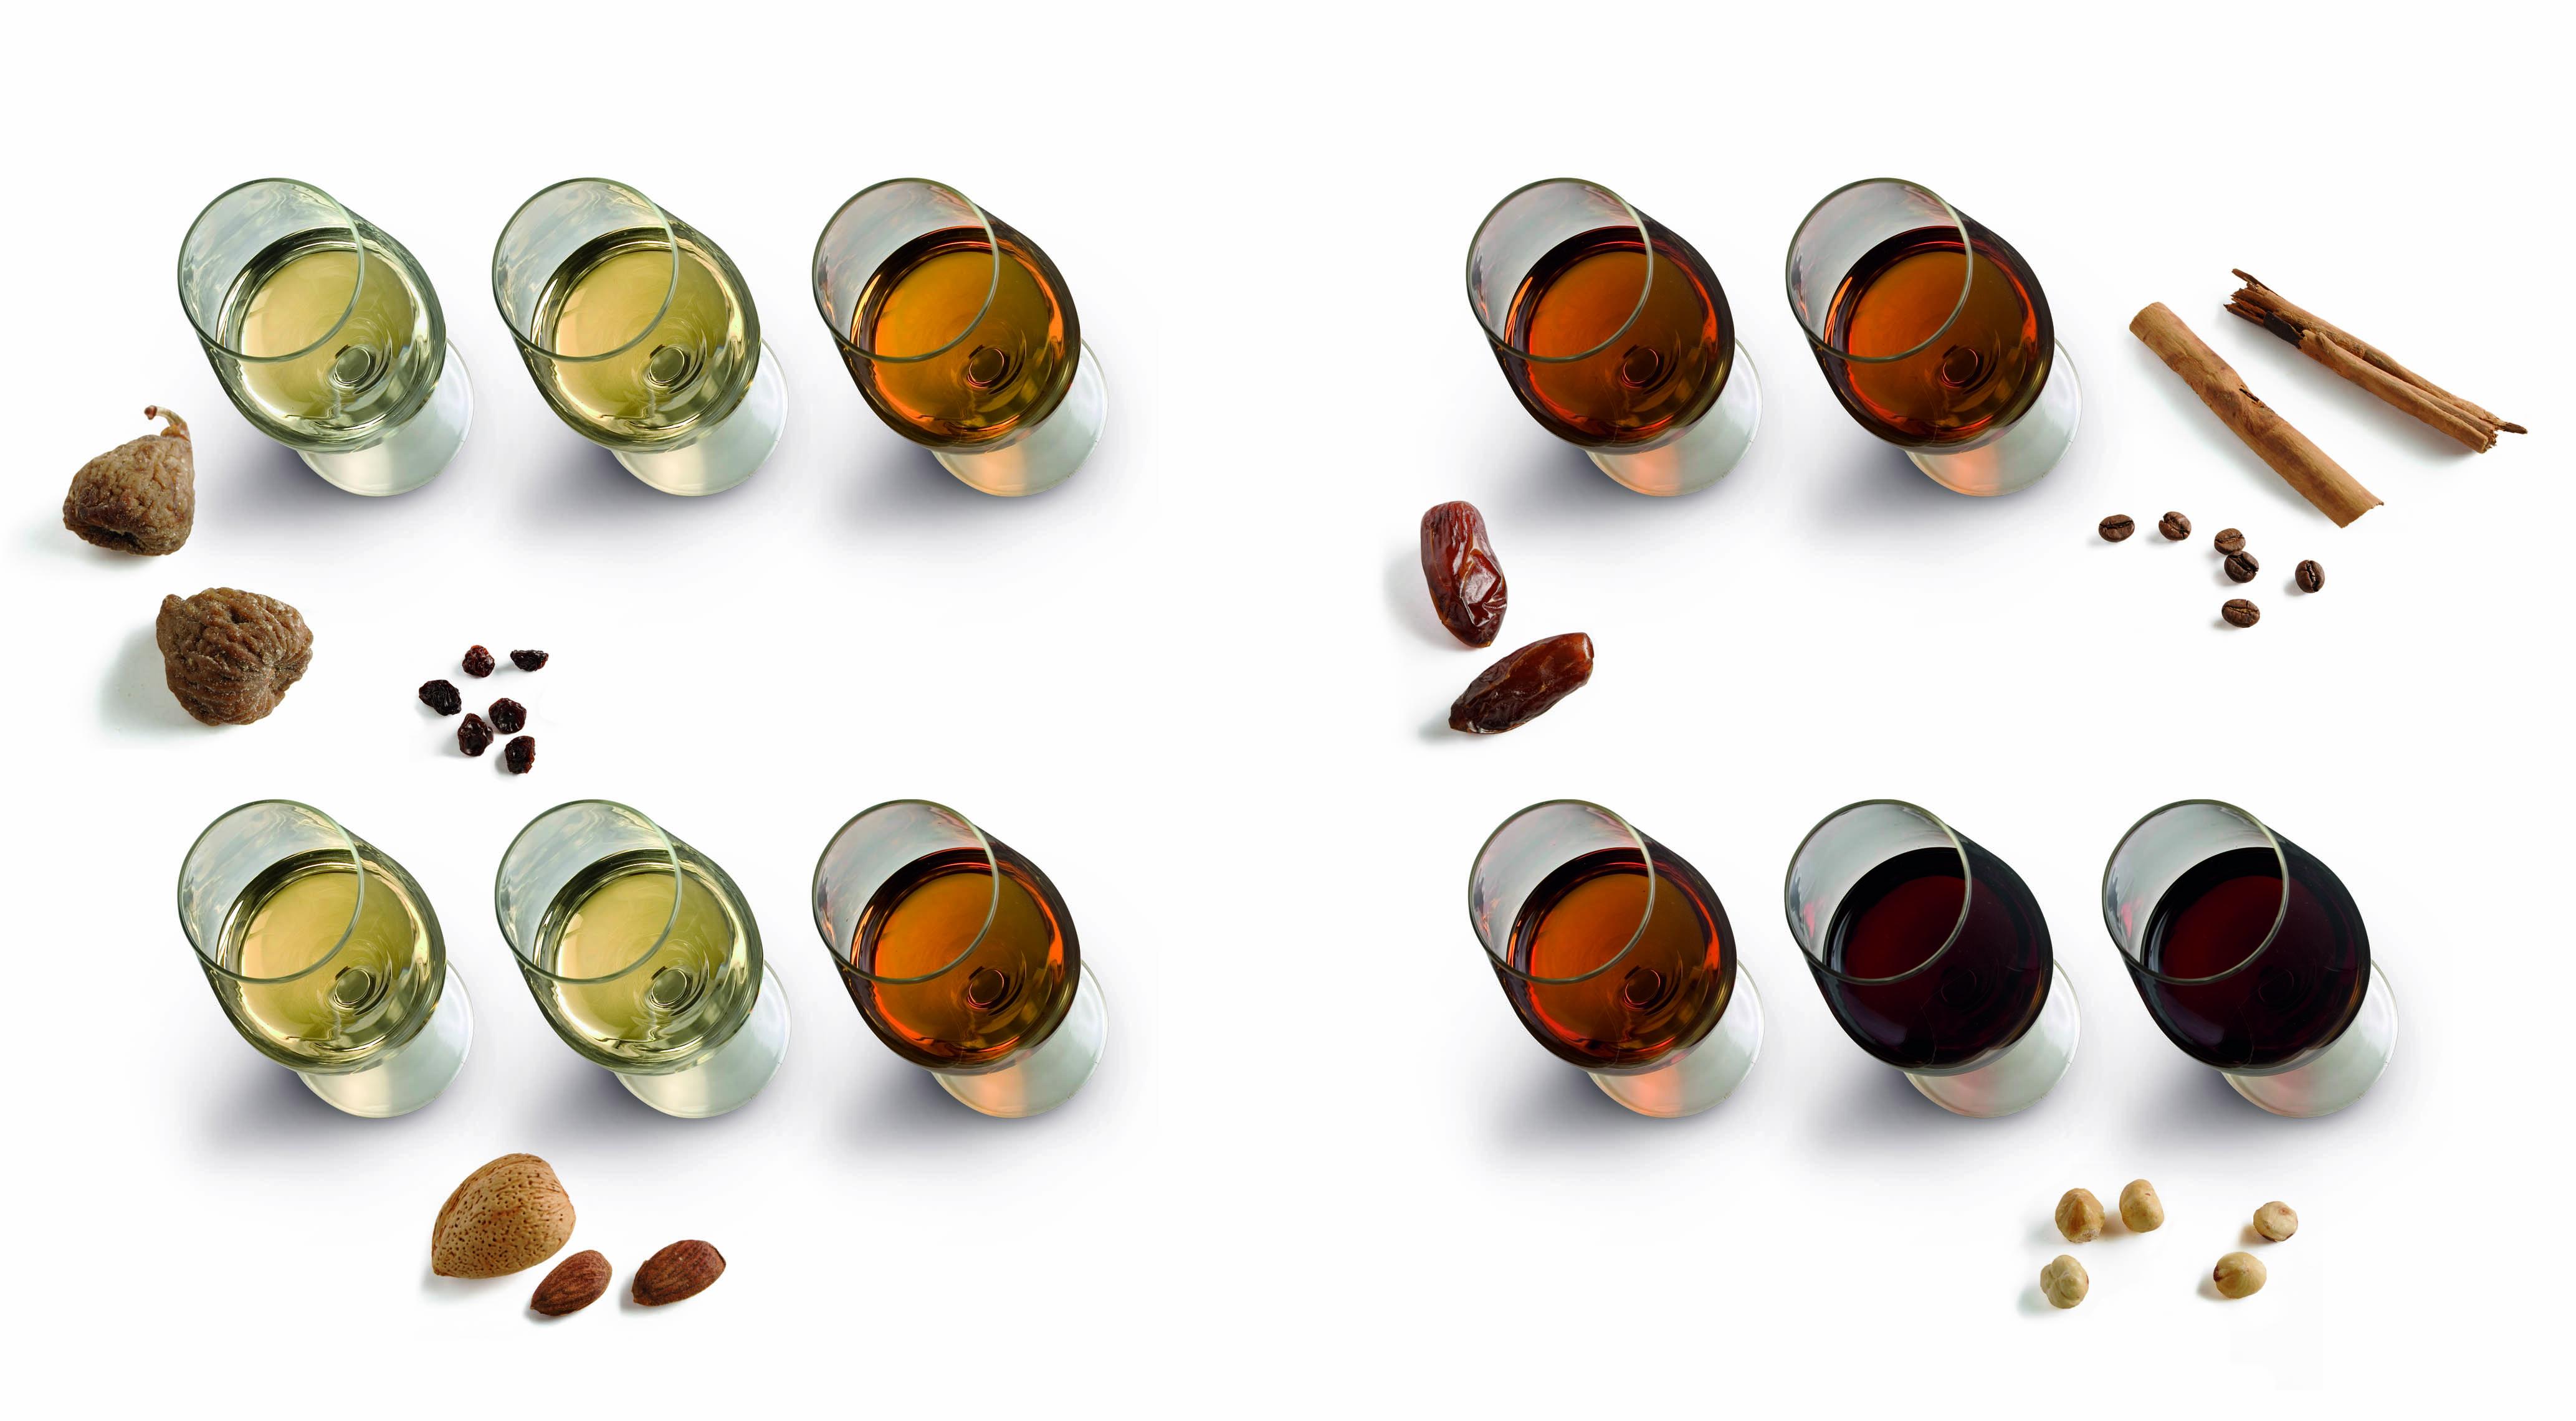 闻香识酒:葡萄酒香气的感知